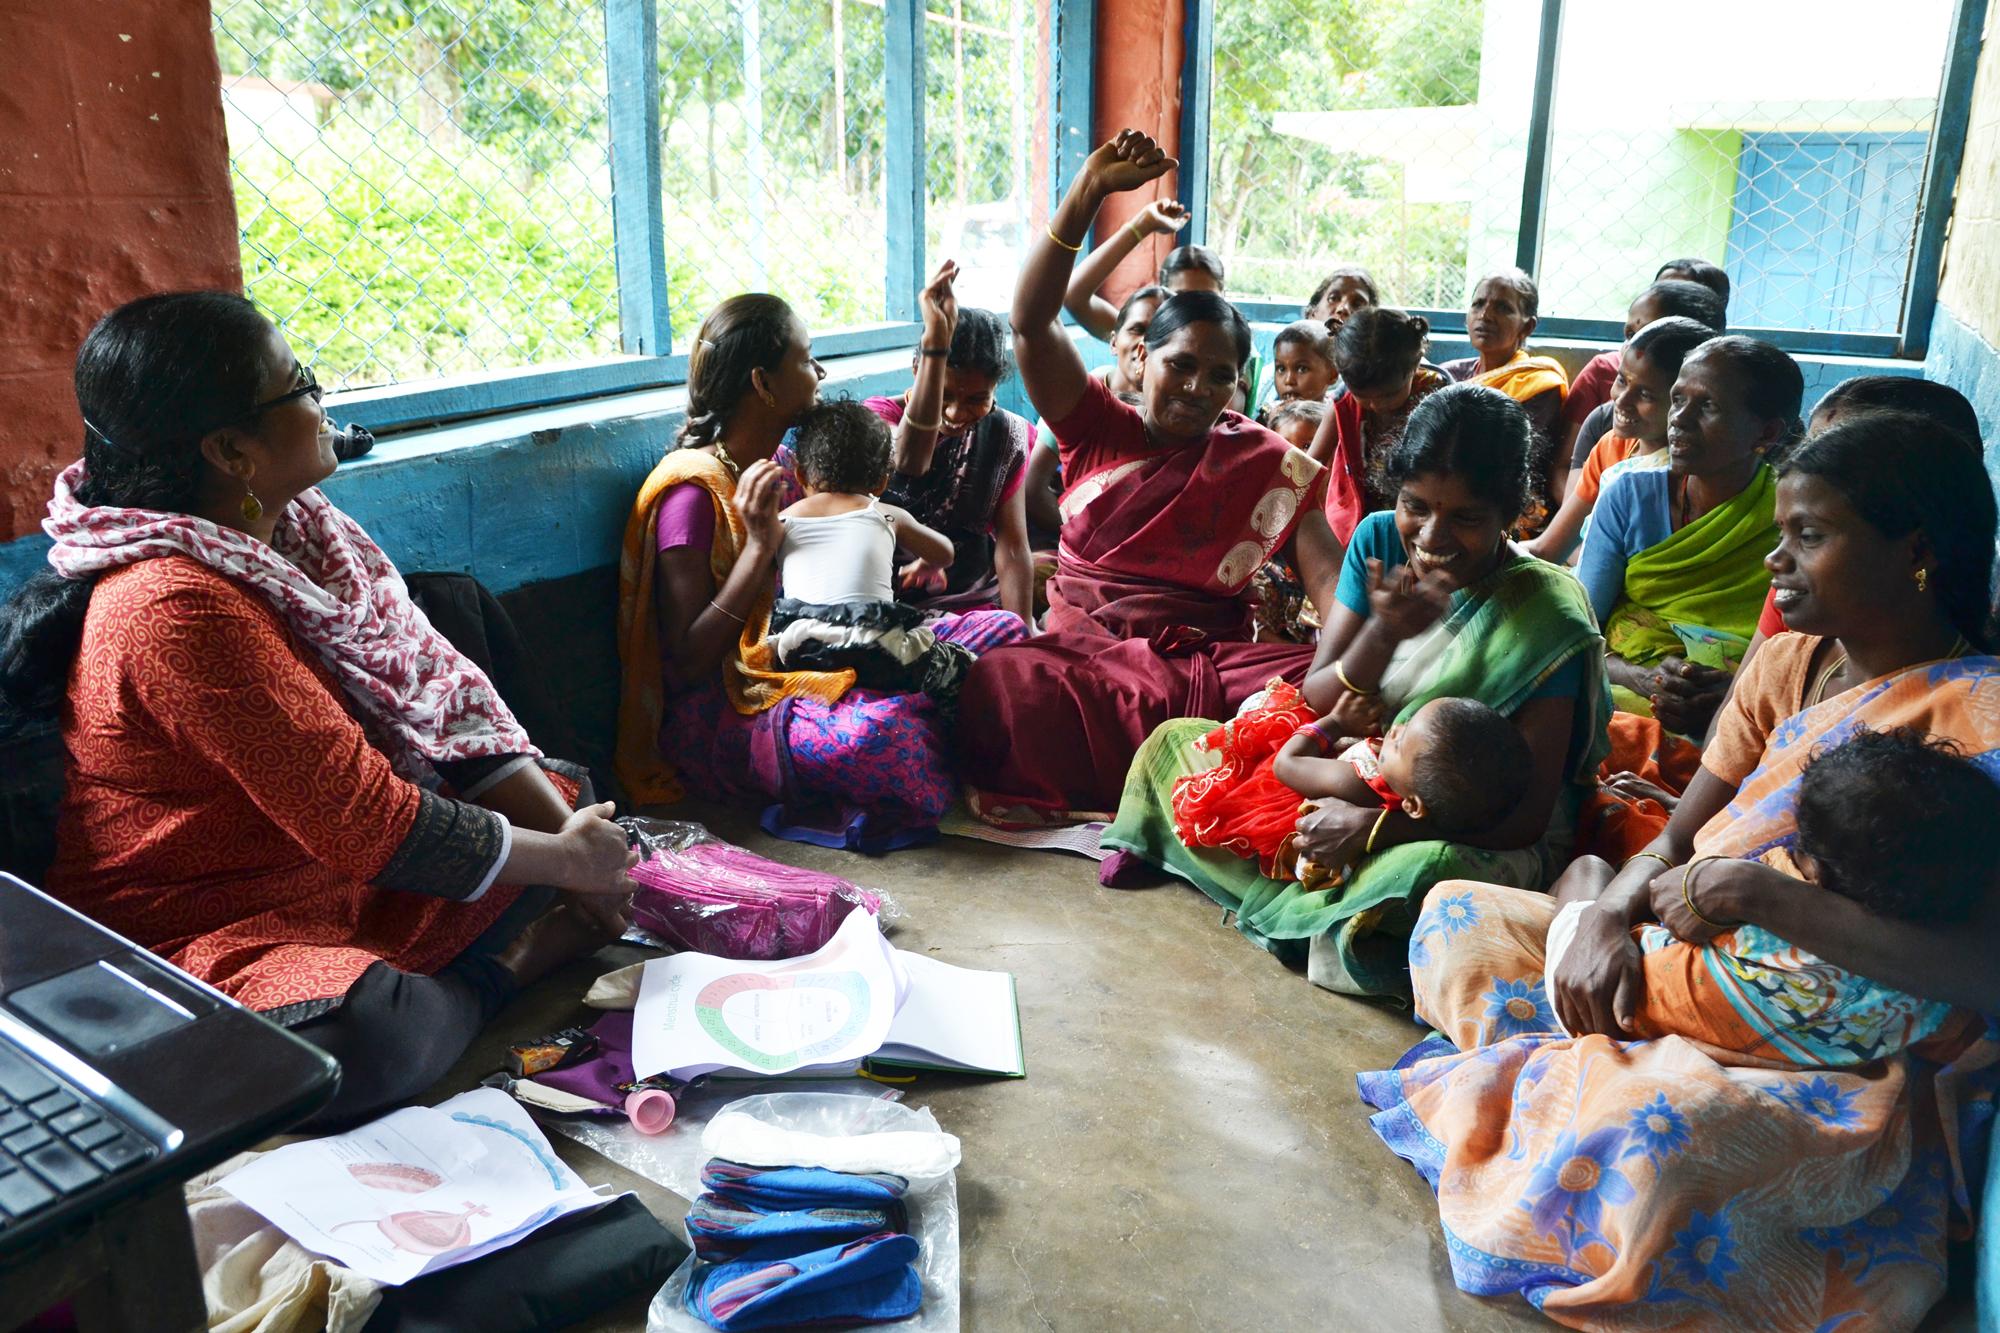 Skratt spred sig bland kvinnorna när mensinformation från Selvi varvades med frågor och diskussion. Foto: Jenny Svensson.